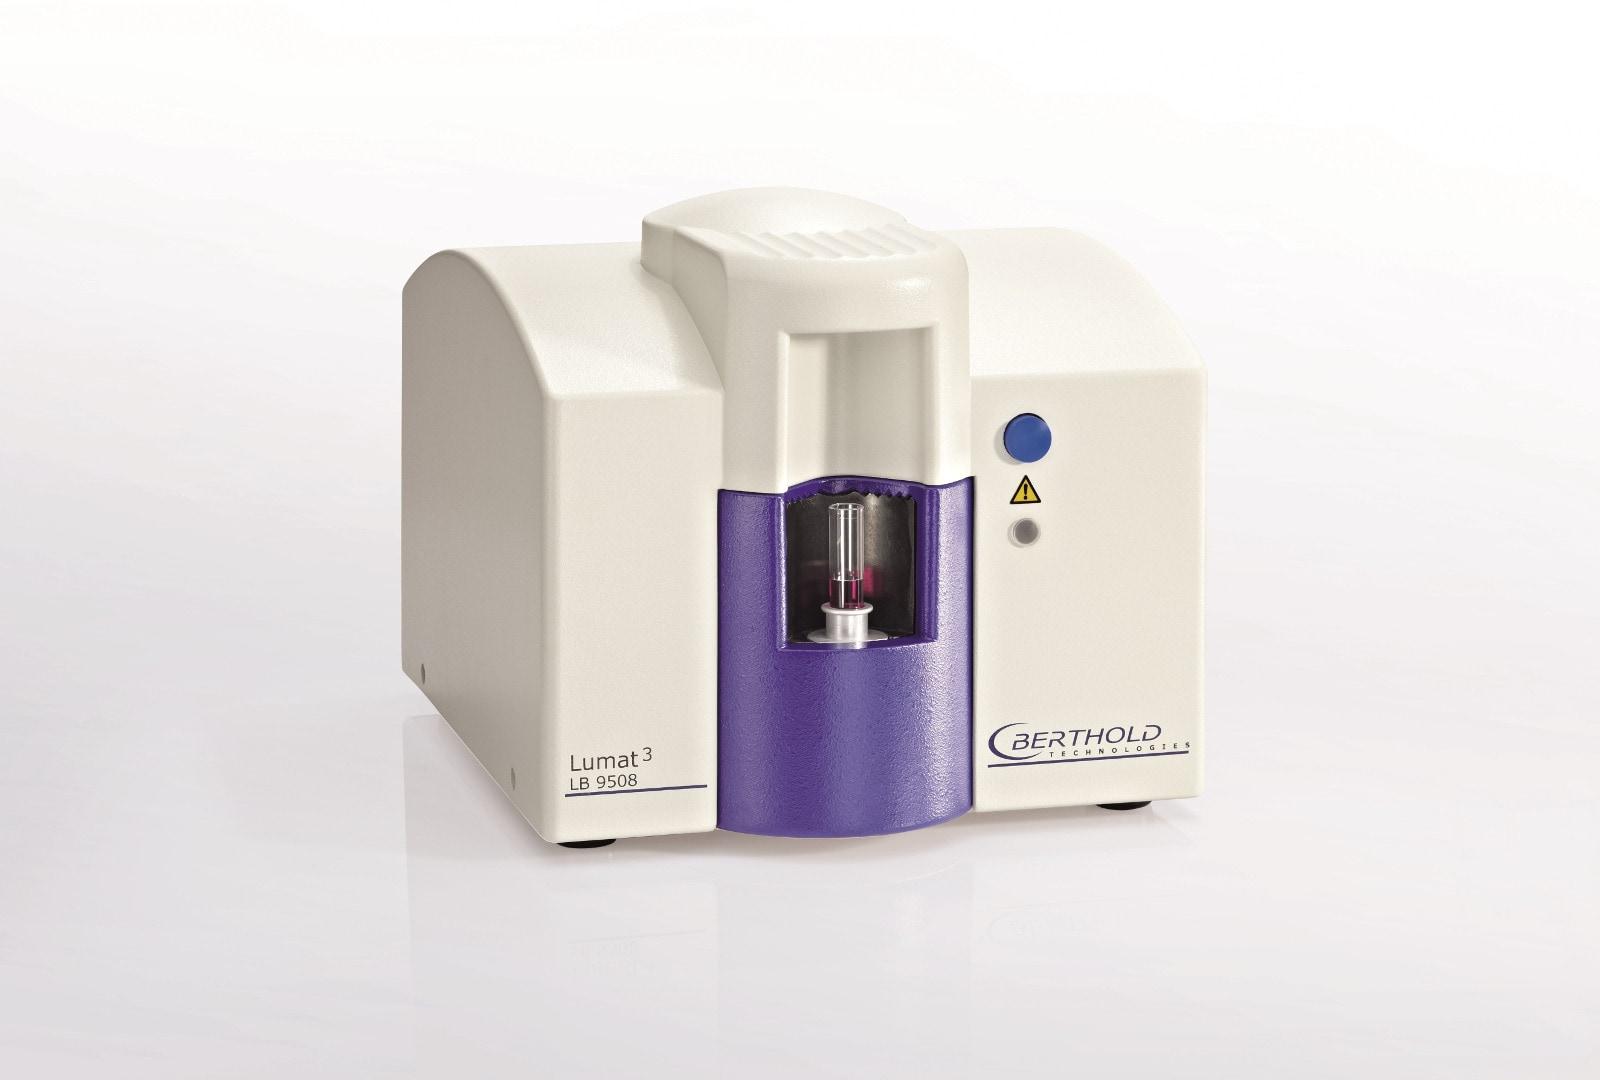 Berthold 管式化学发光检测仪 LB 9508